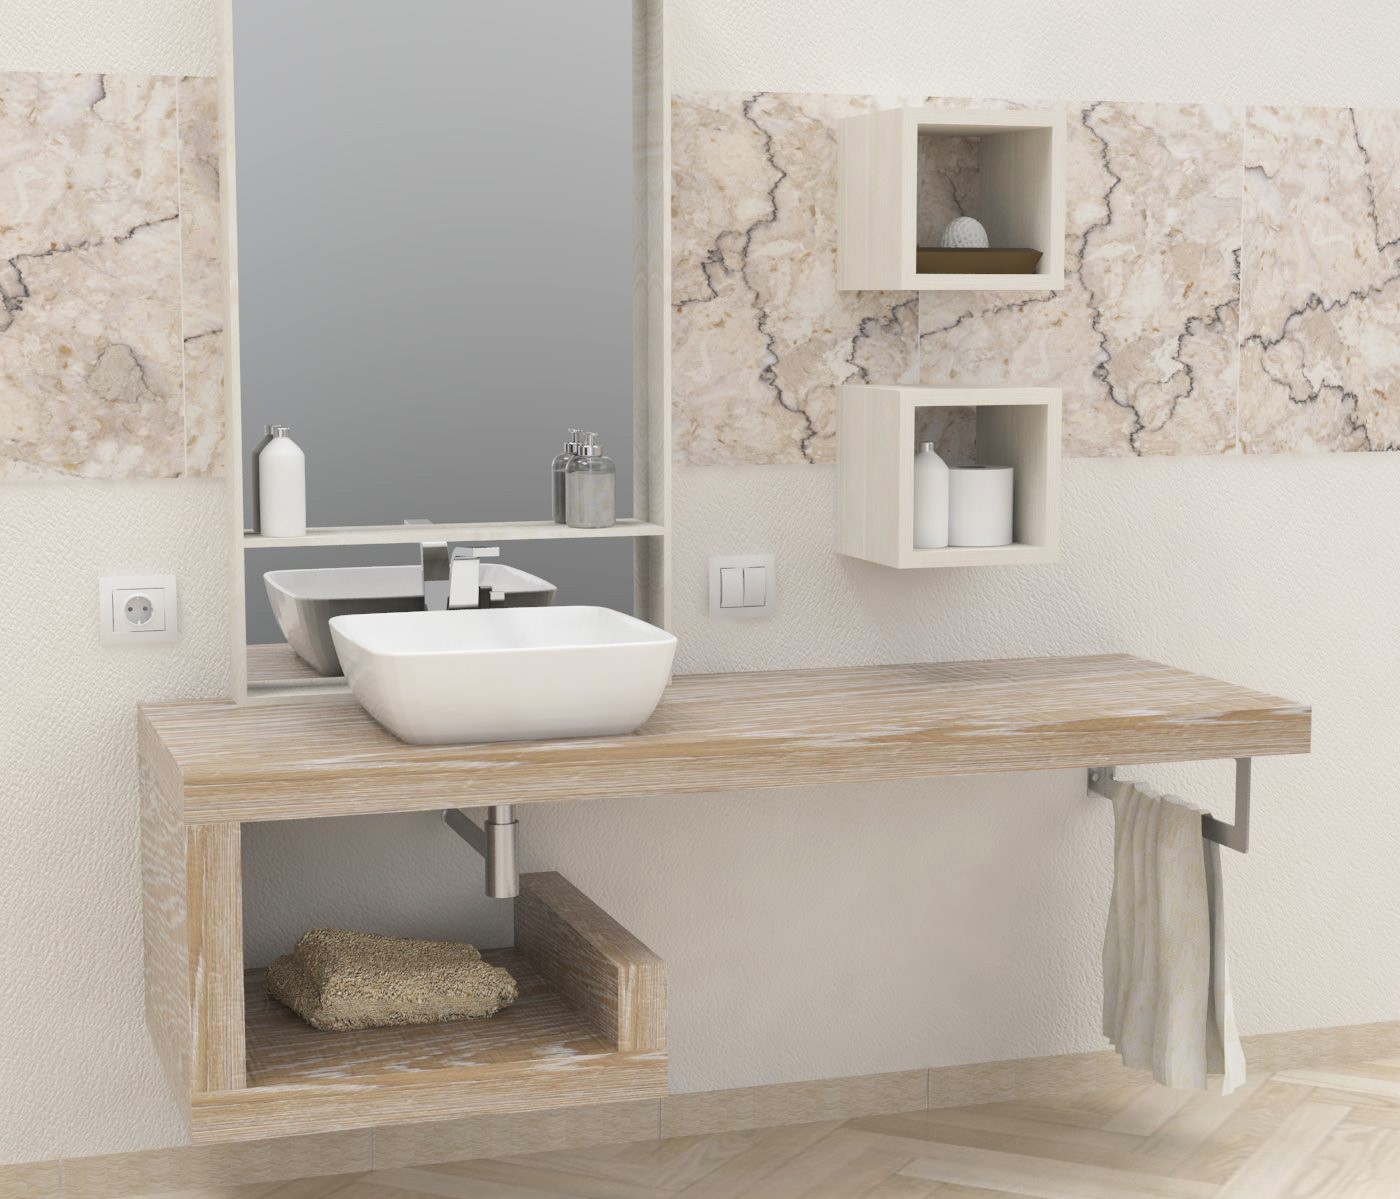 Mensola lavabo a g in legno massello su misura spessore 5 for Mensole bagno design